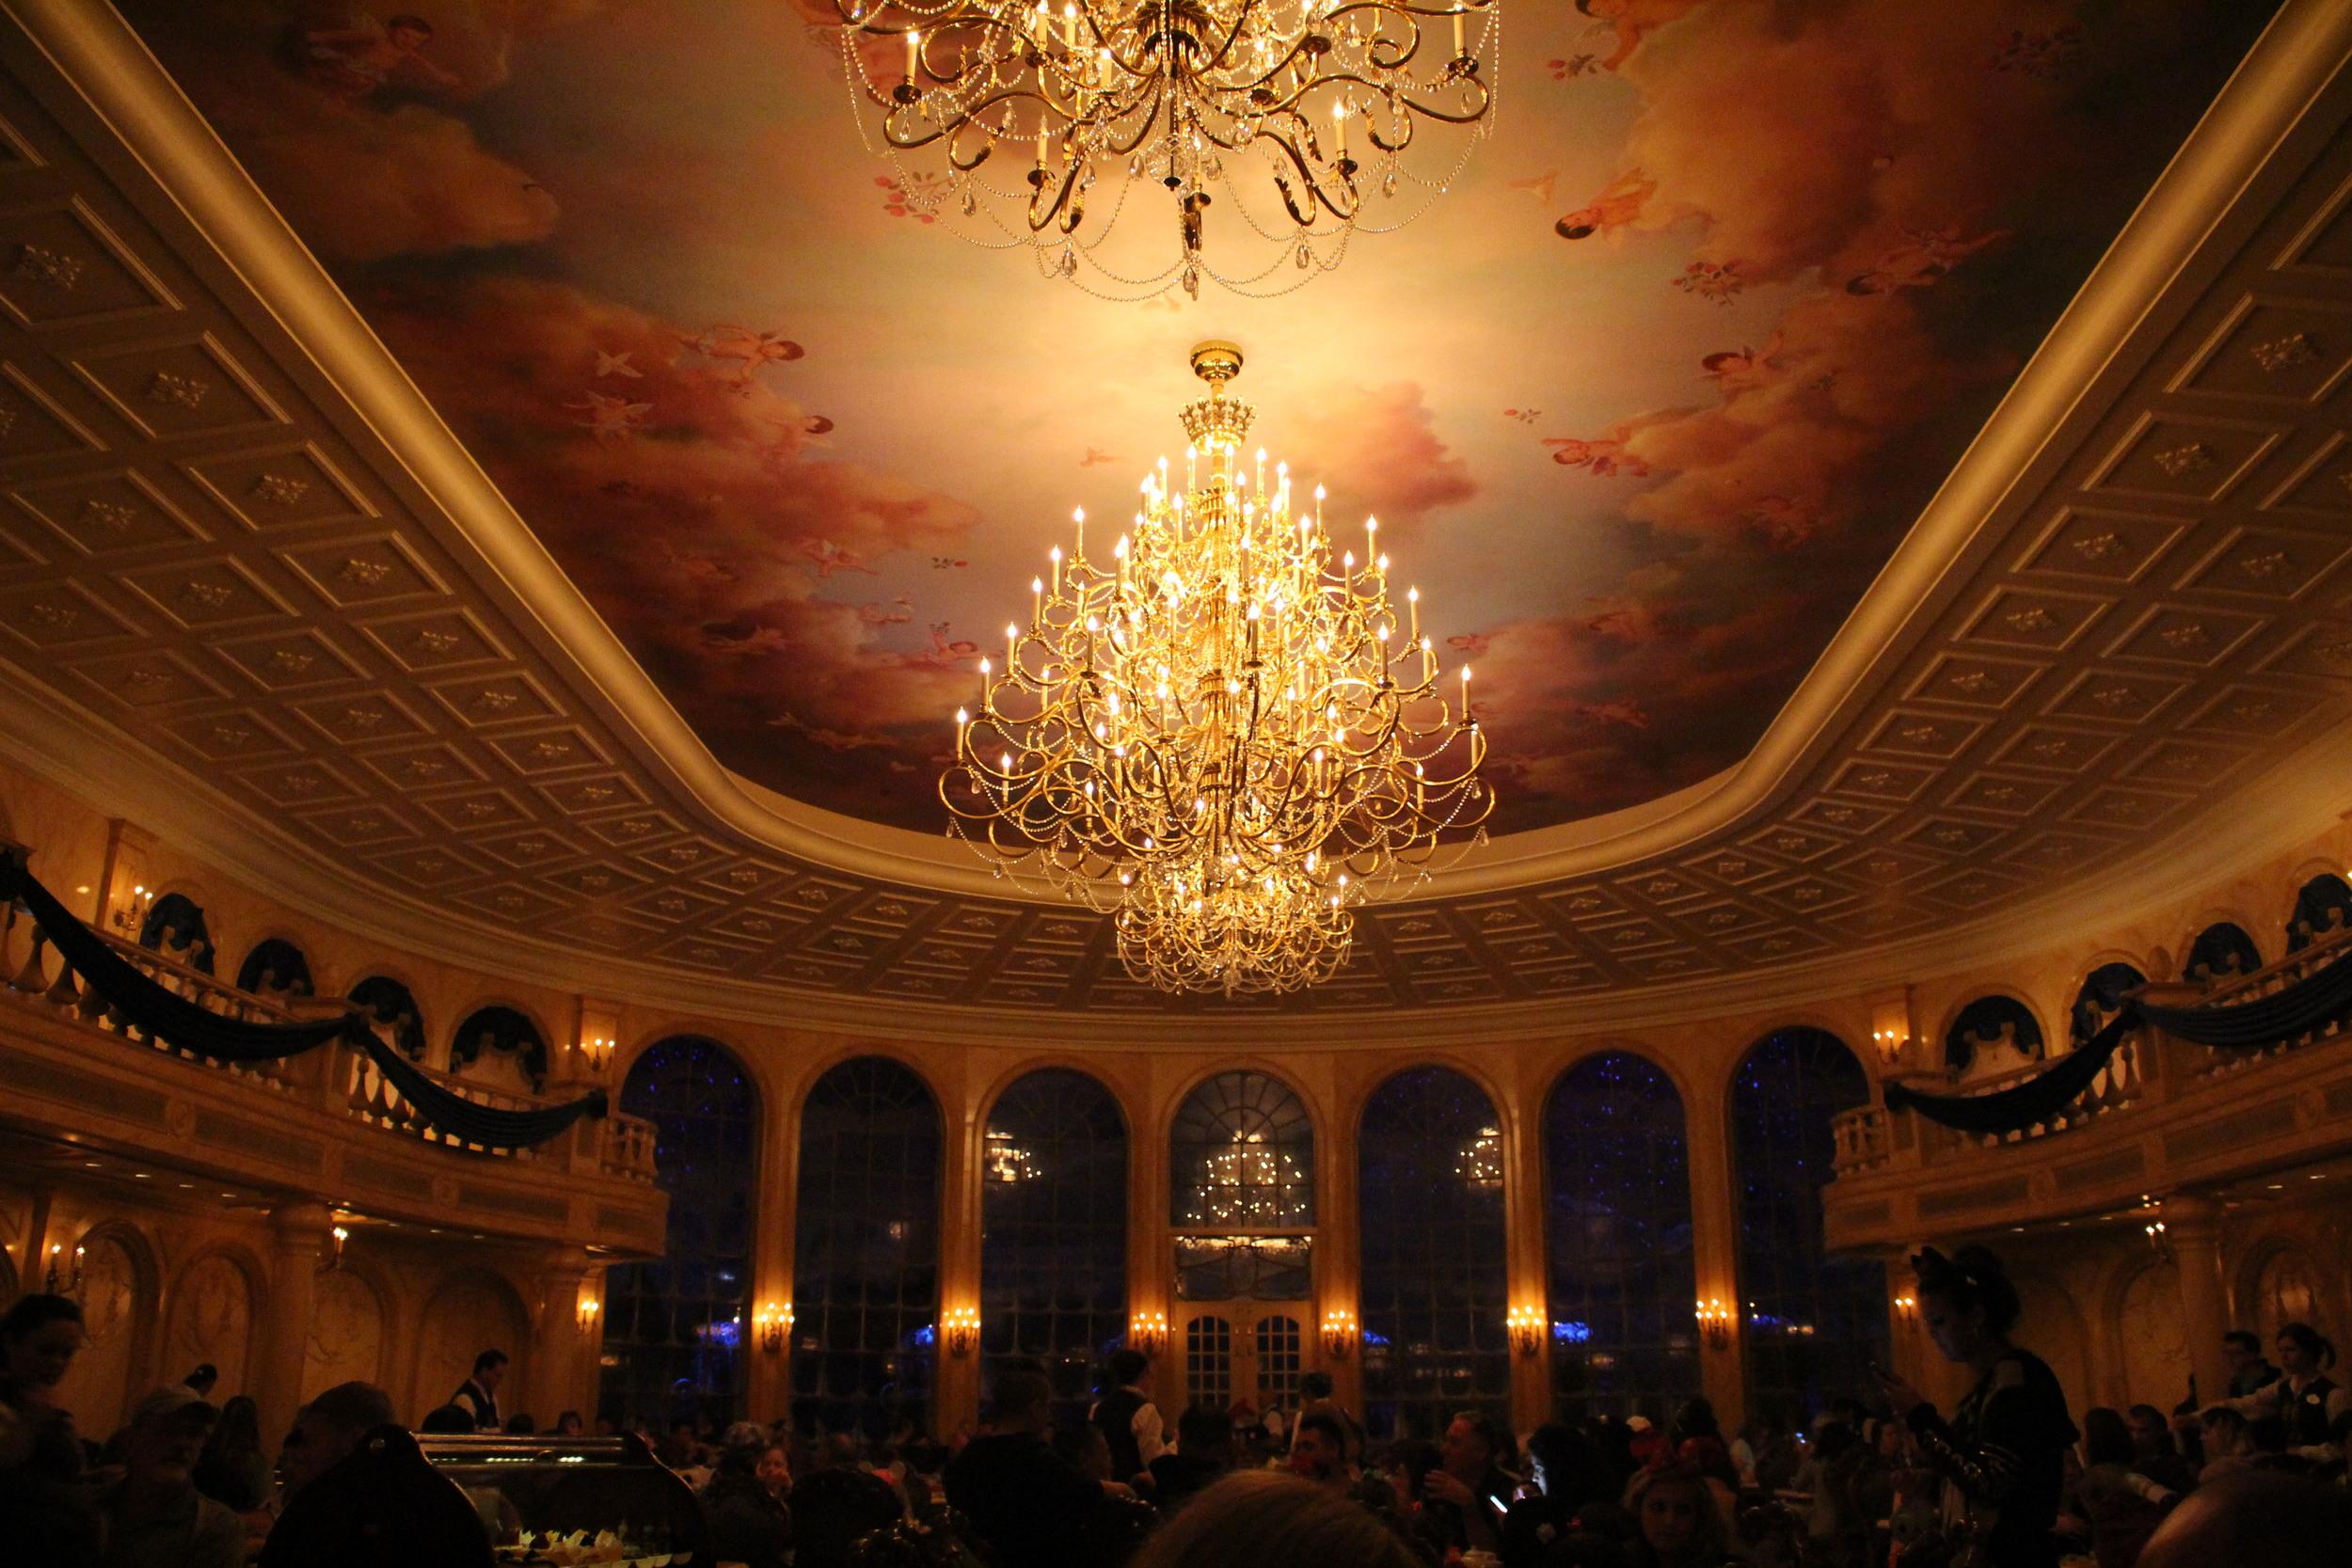 Belle's Castle, amazing!